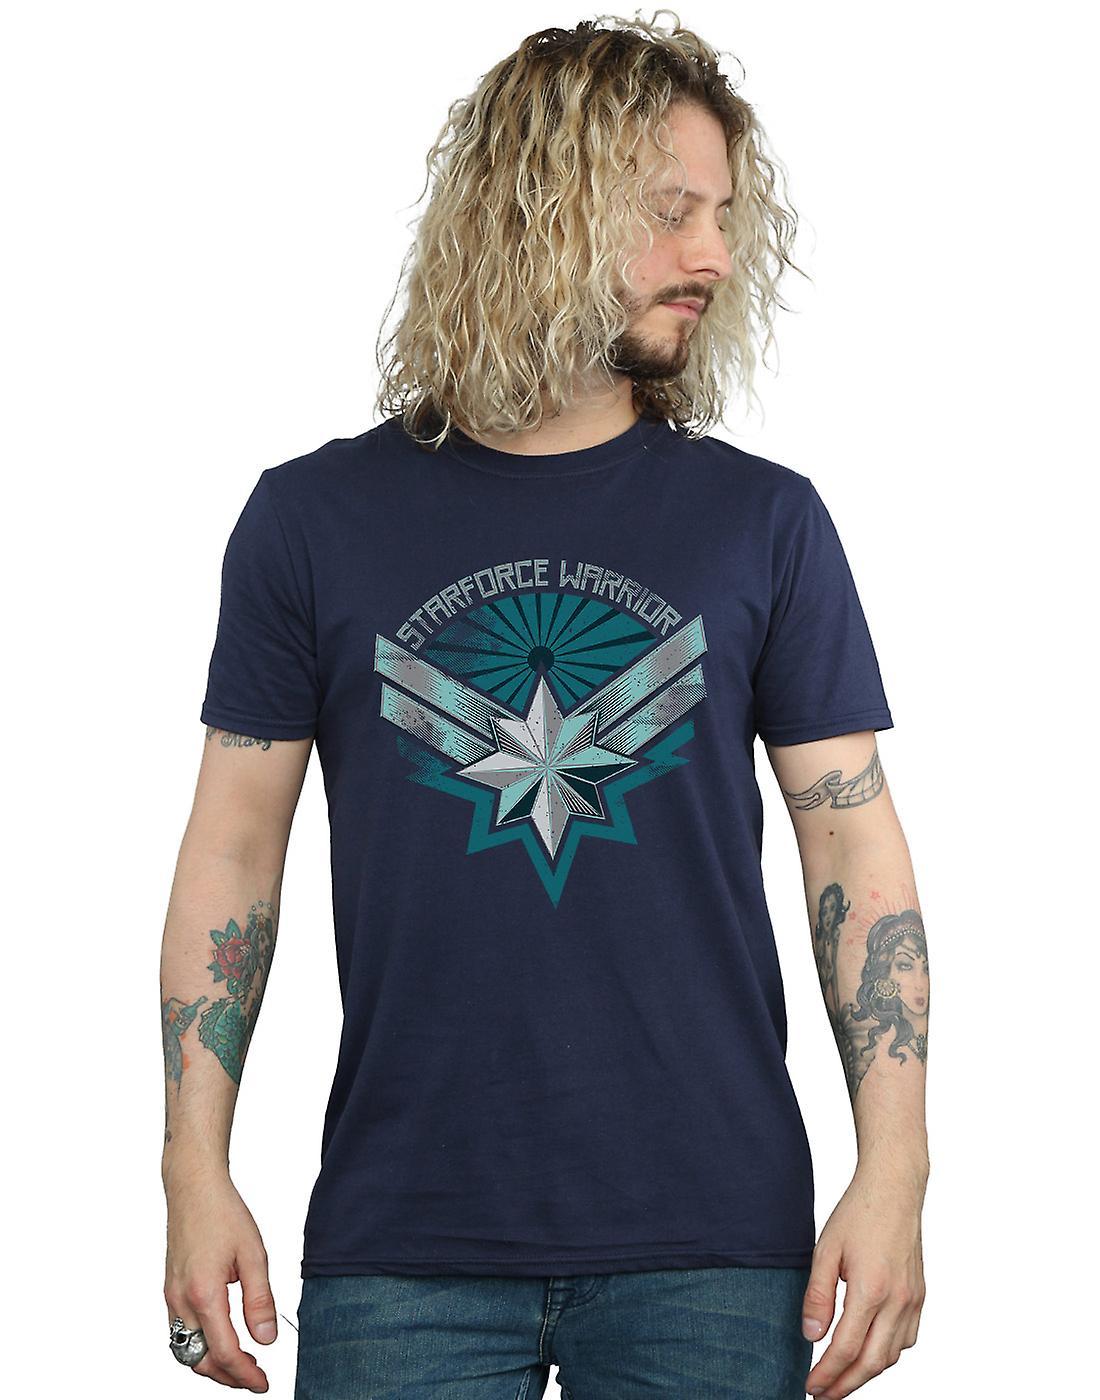 Marvel Men's Captain Marvel Starforce Warrior T-Shirt